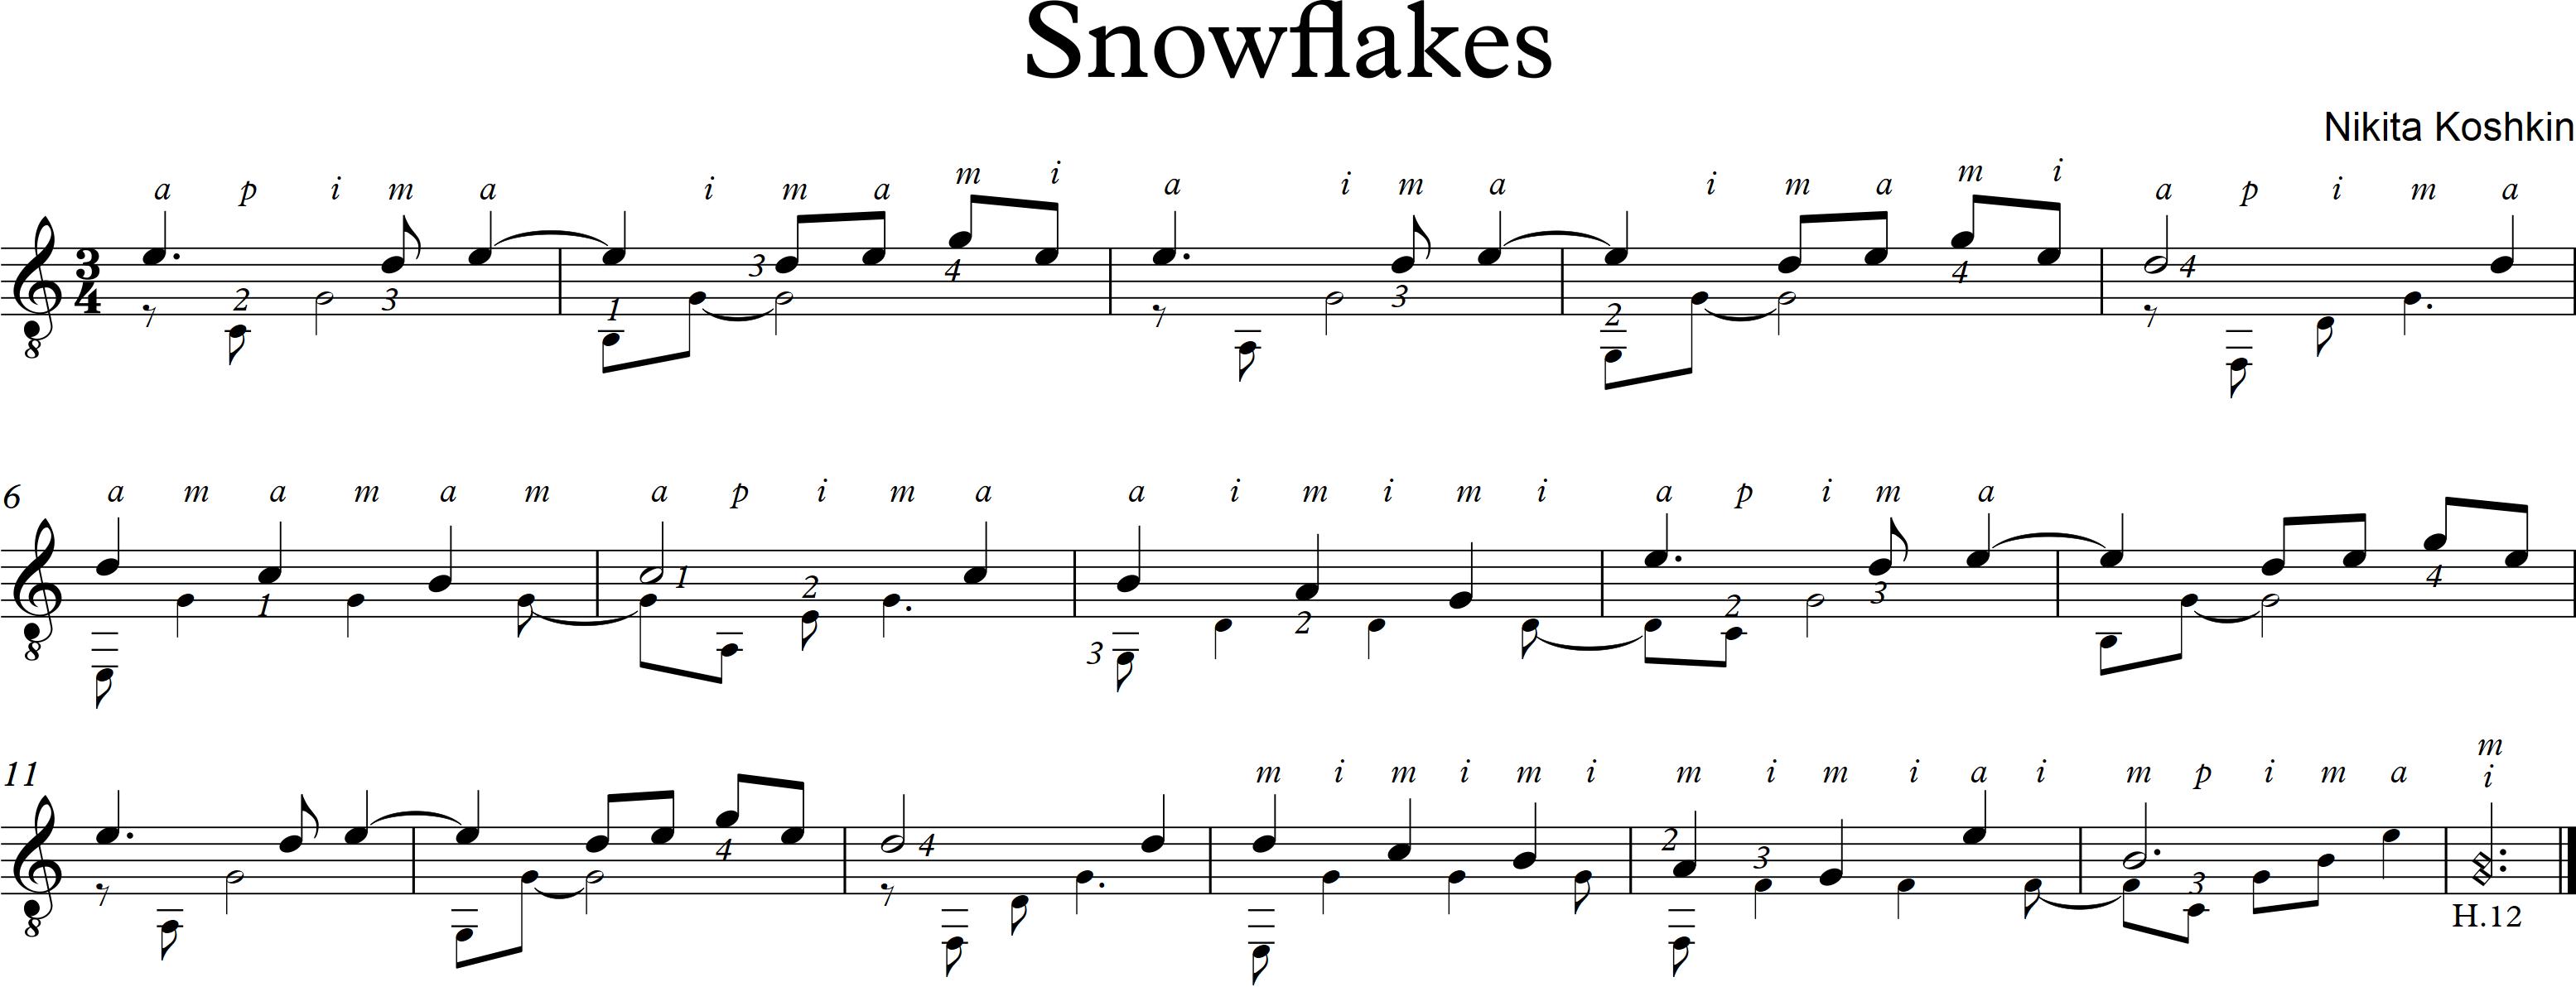 Snowflakes - Koshkin